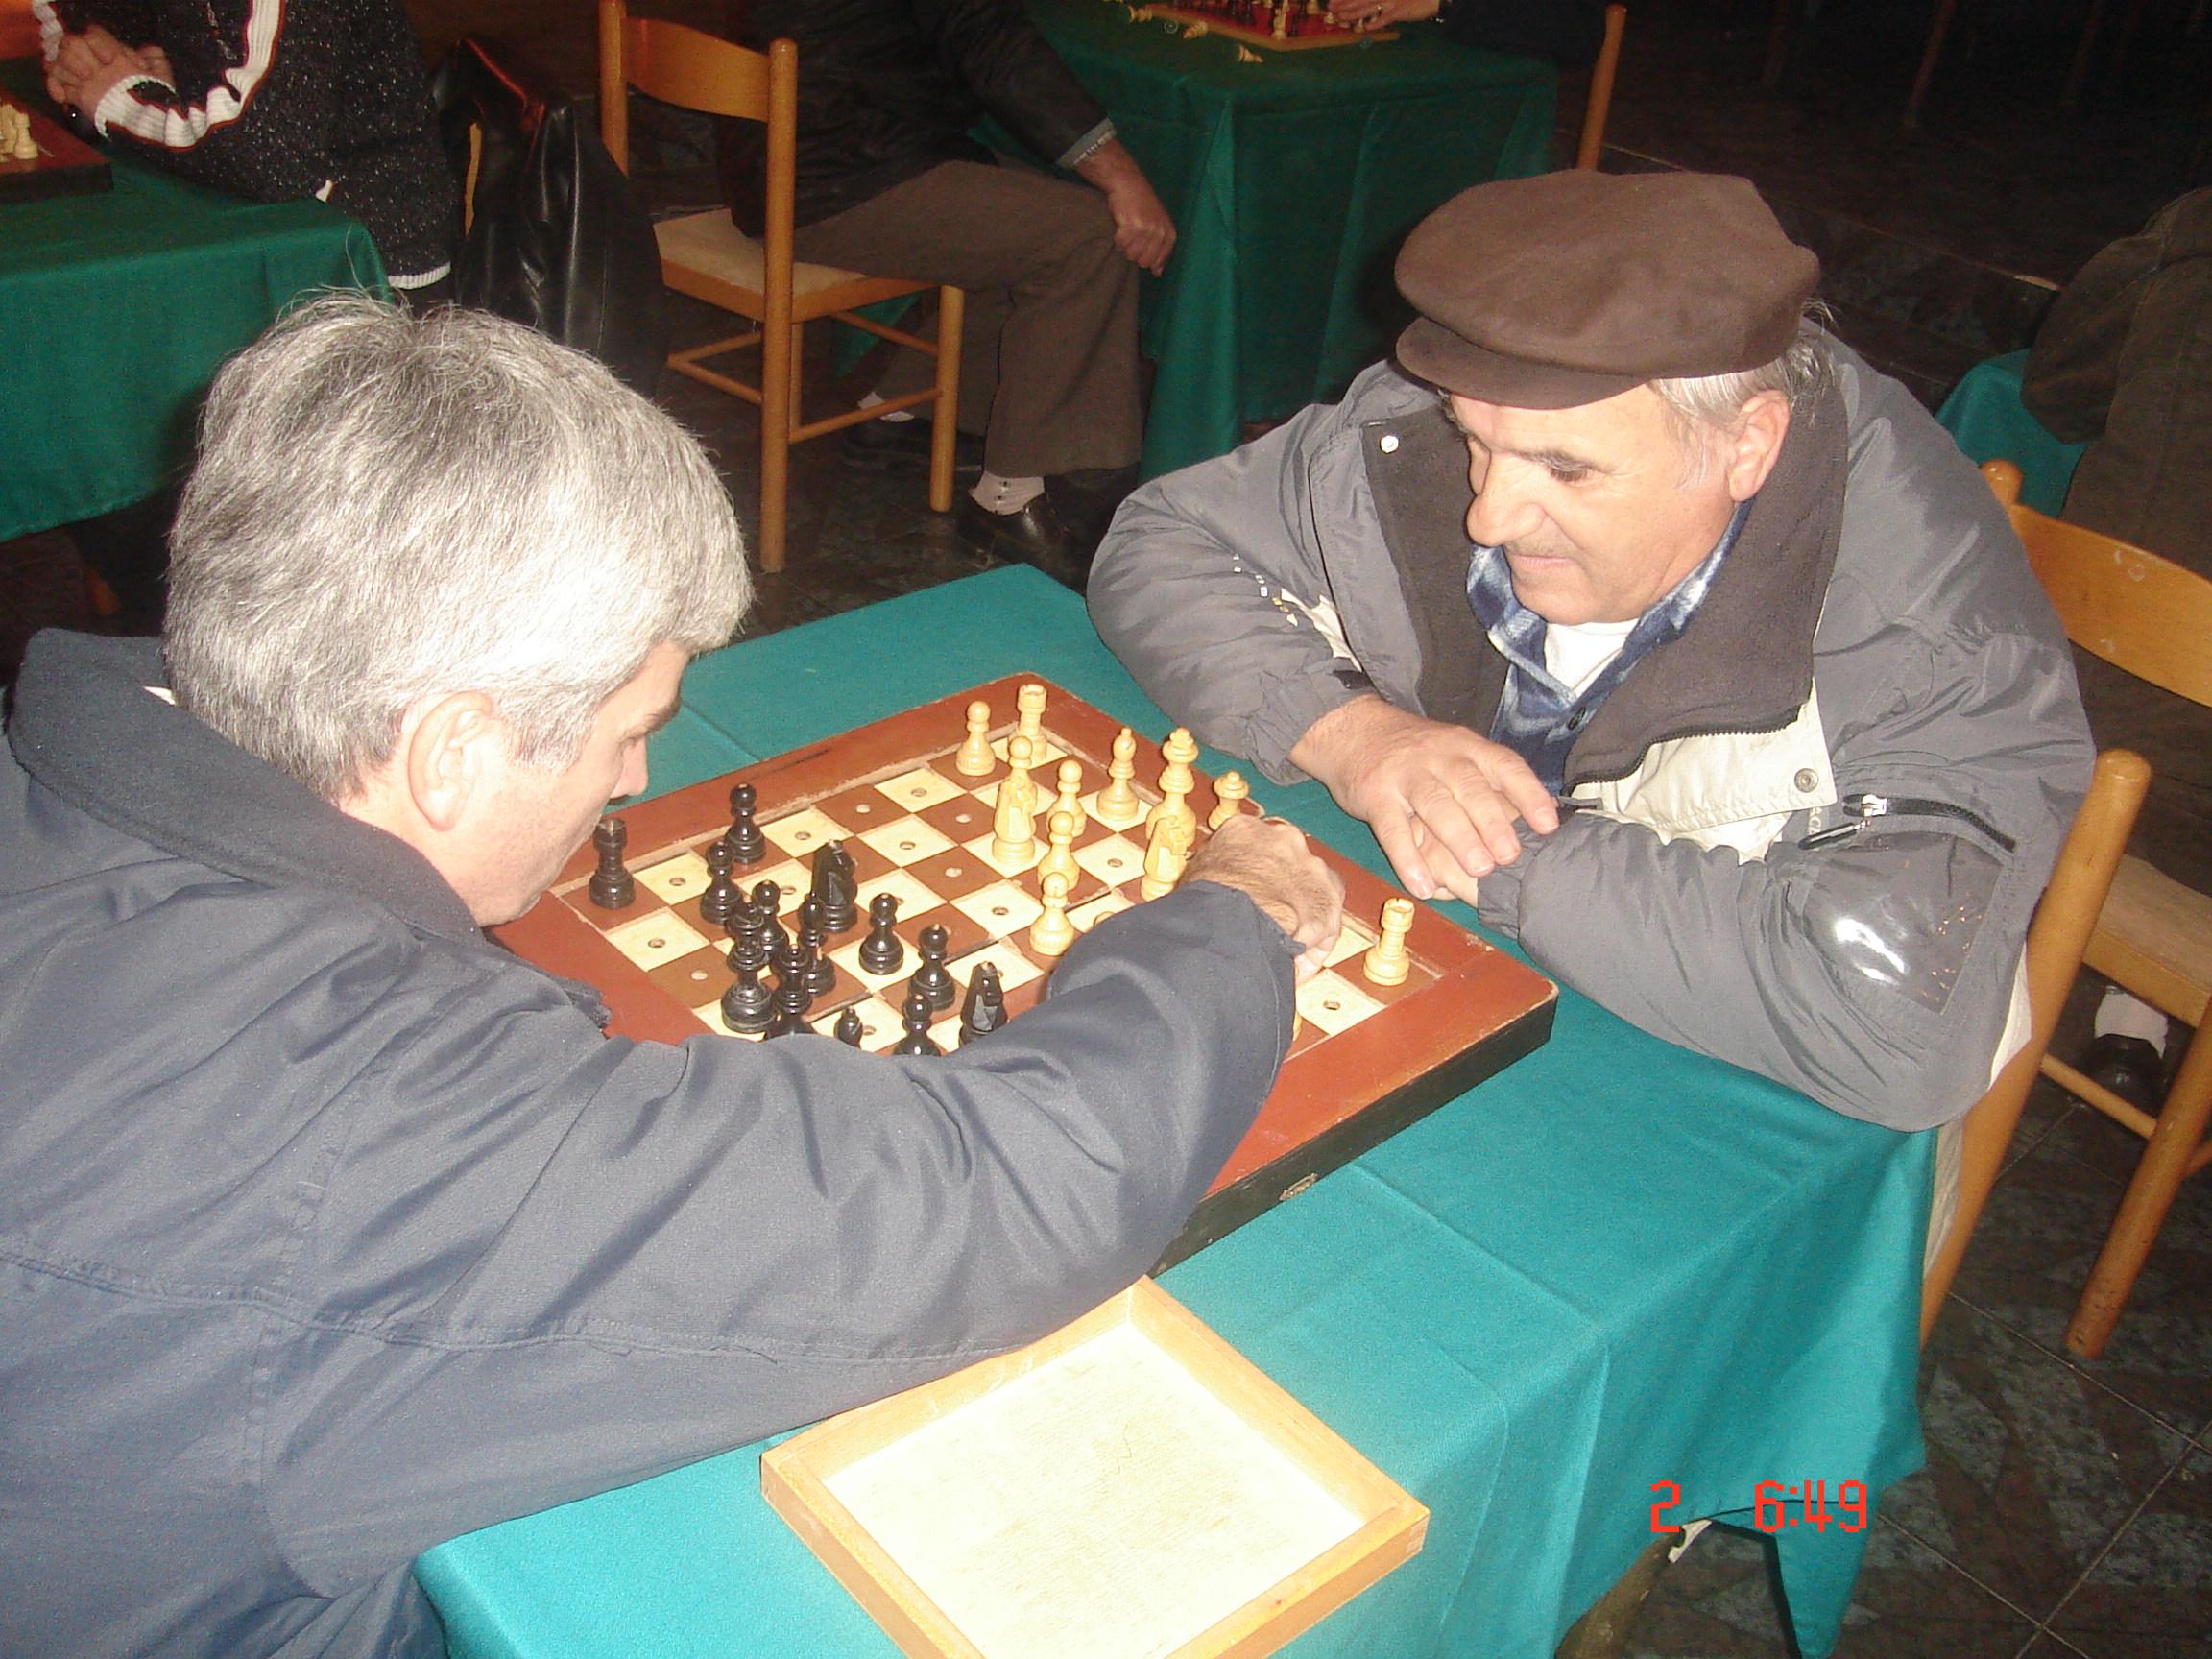 Kampionati i 8-te i shahut per te verber foto 3